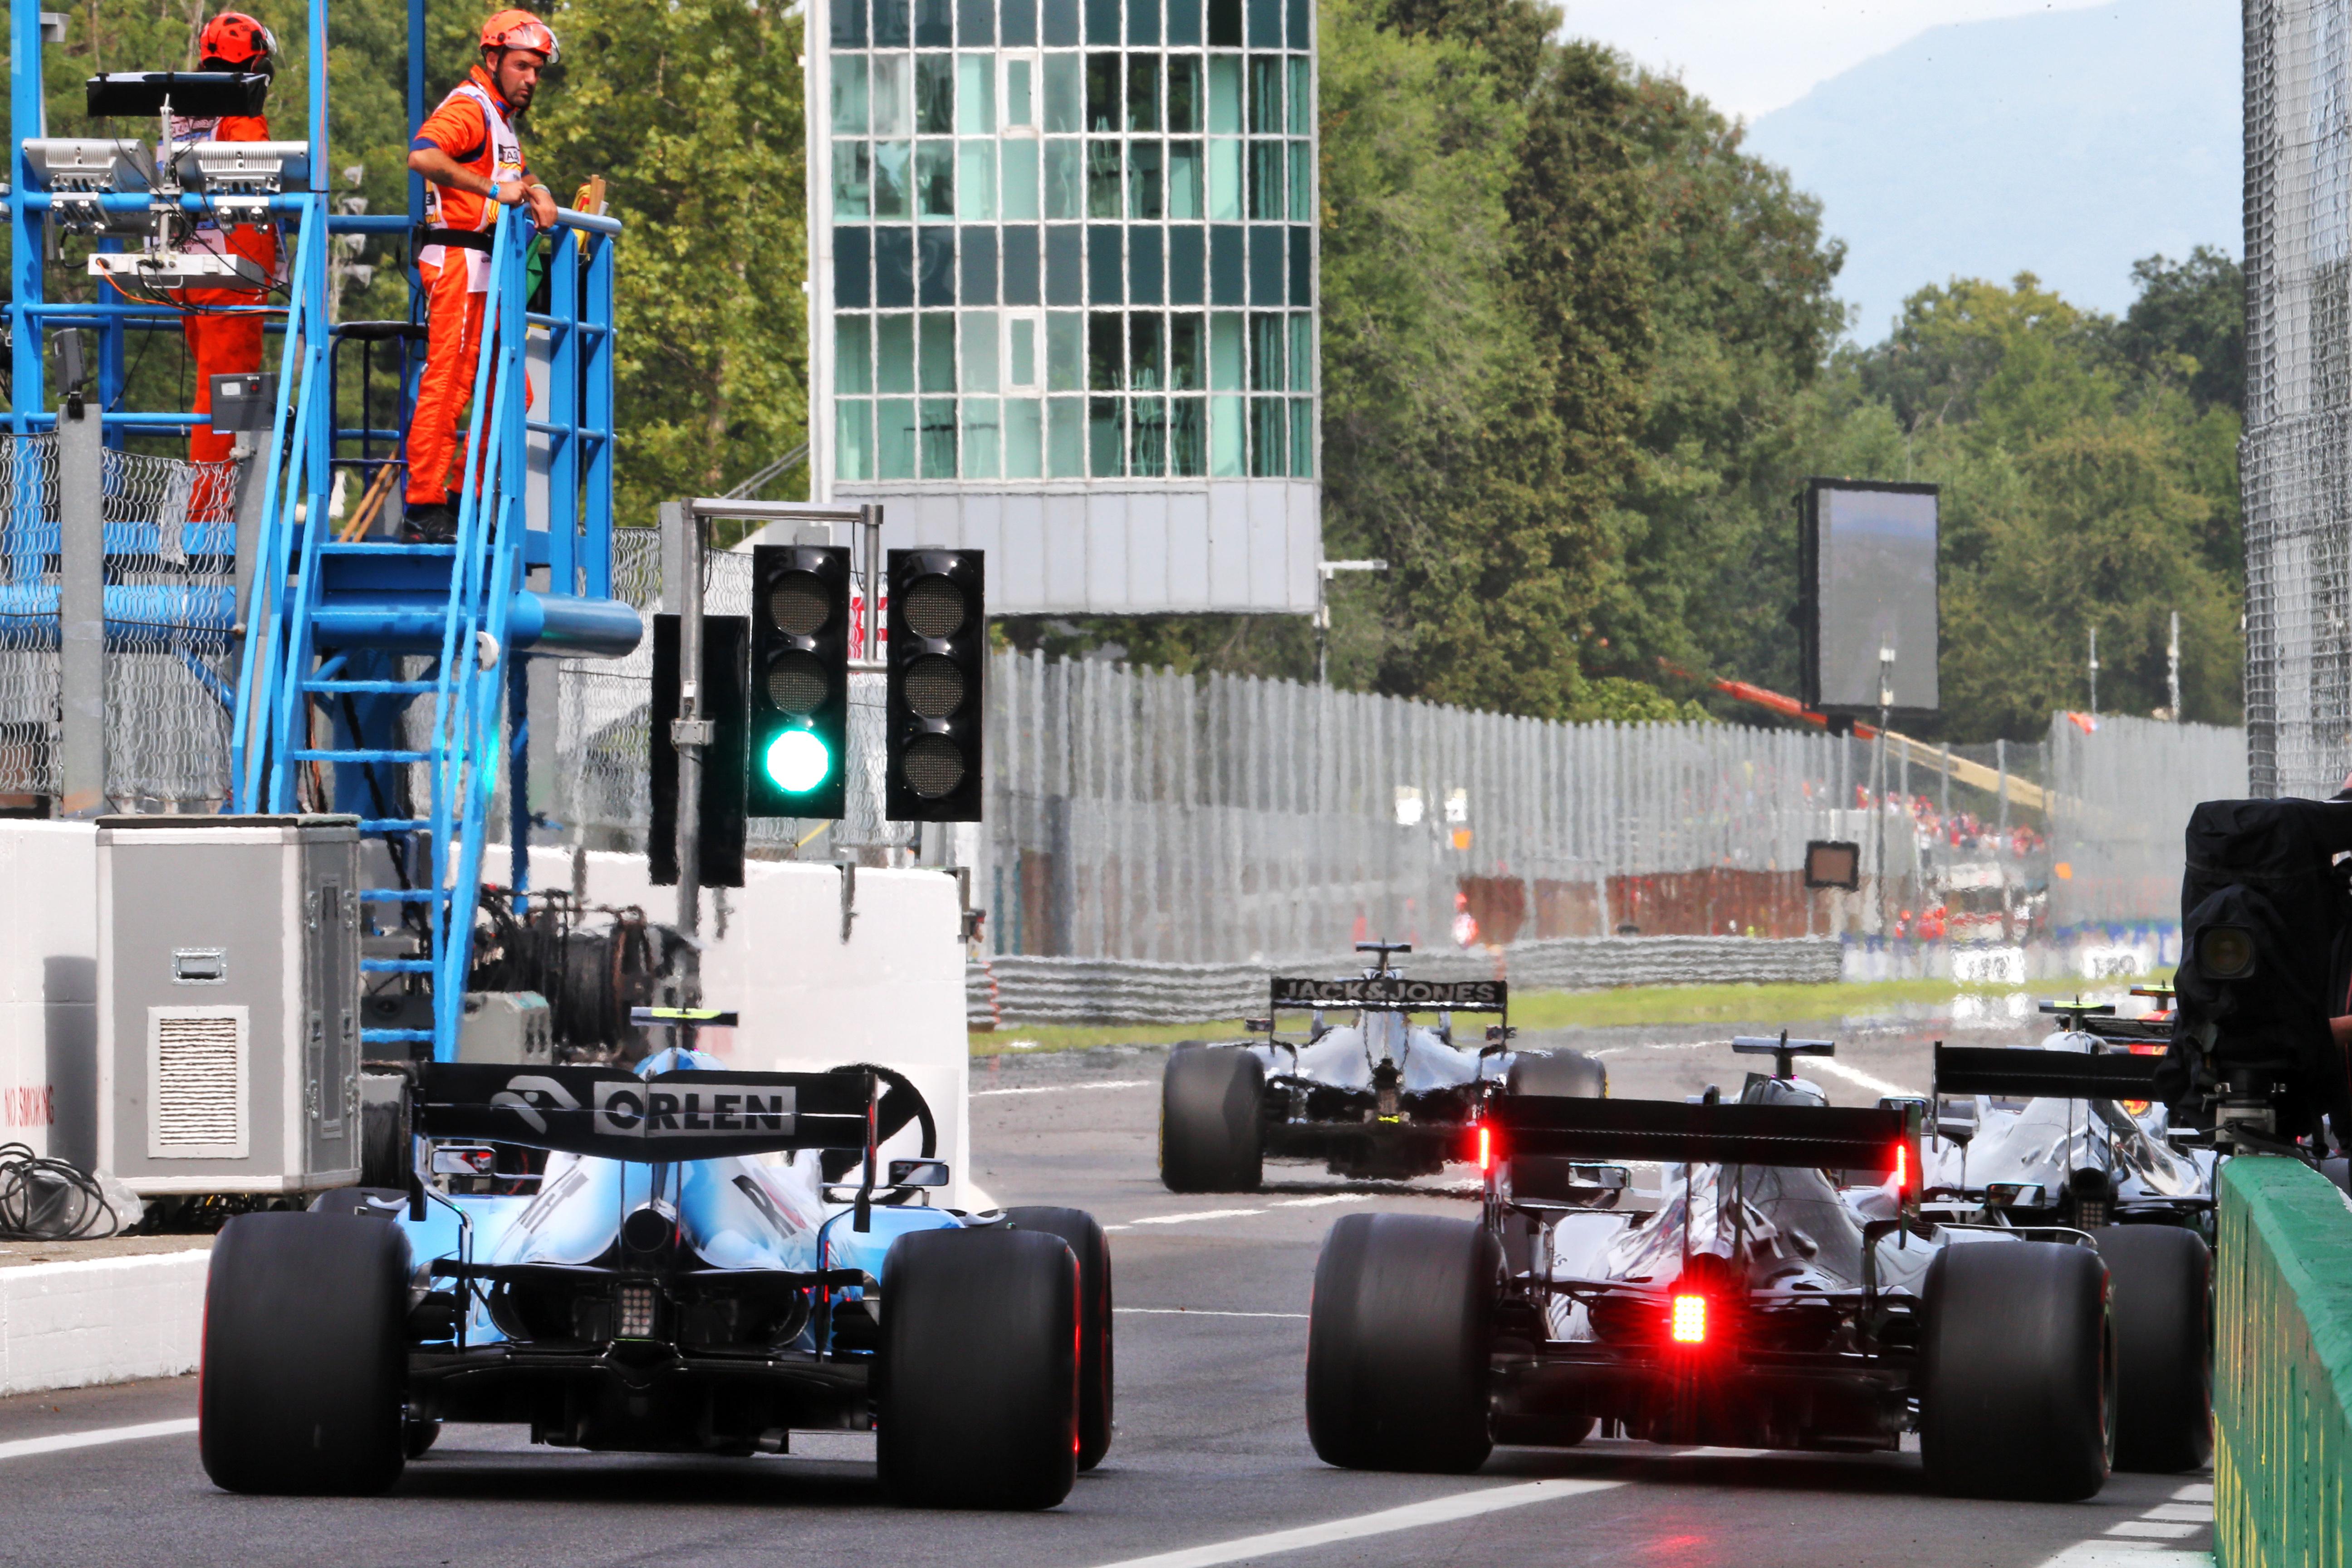 Monza practice